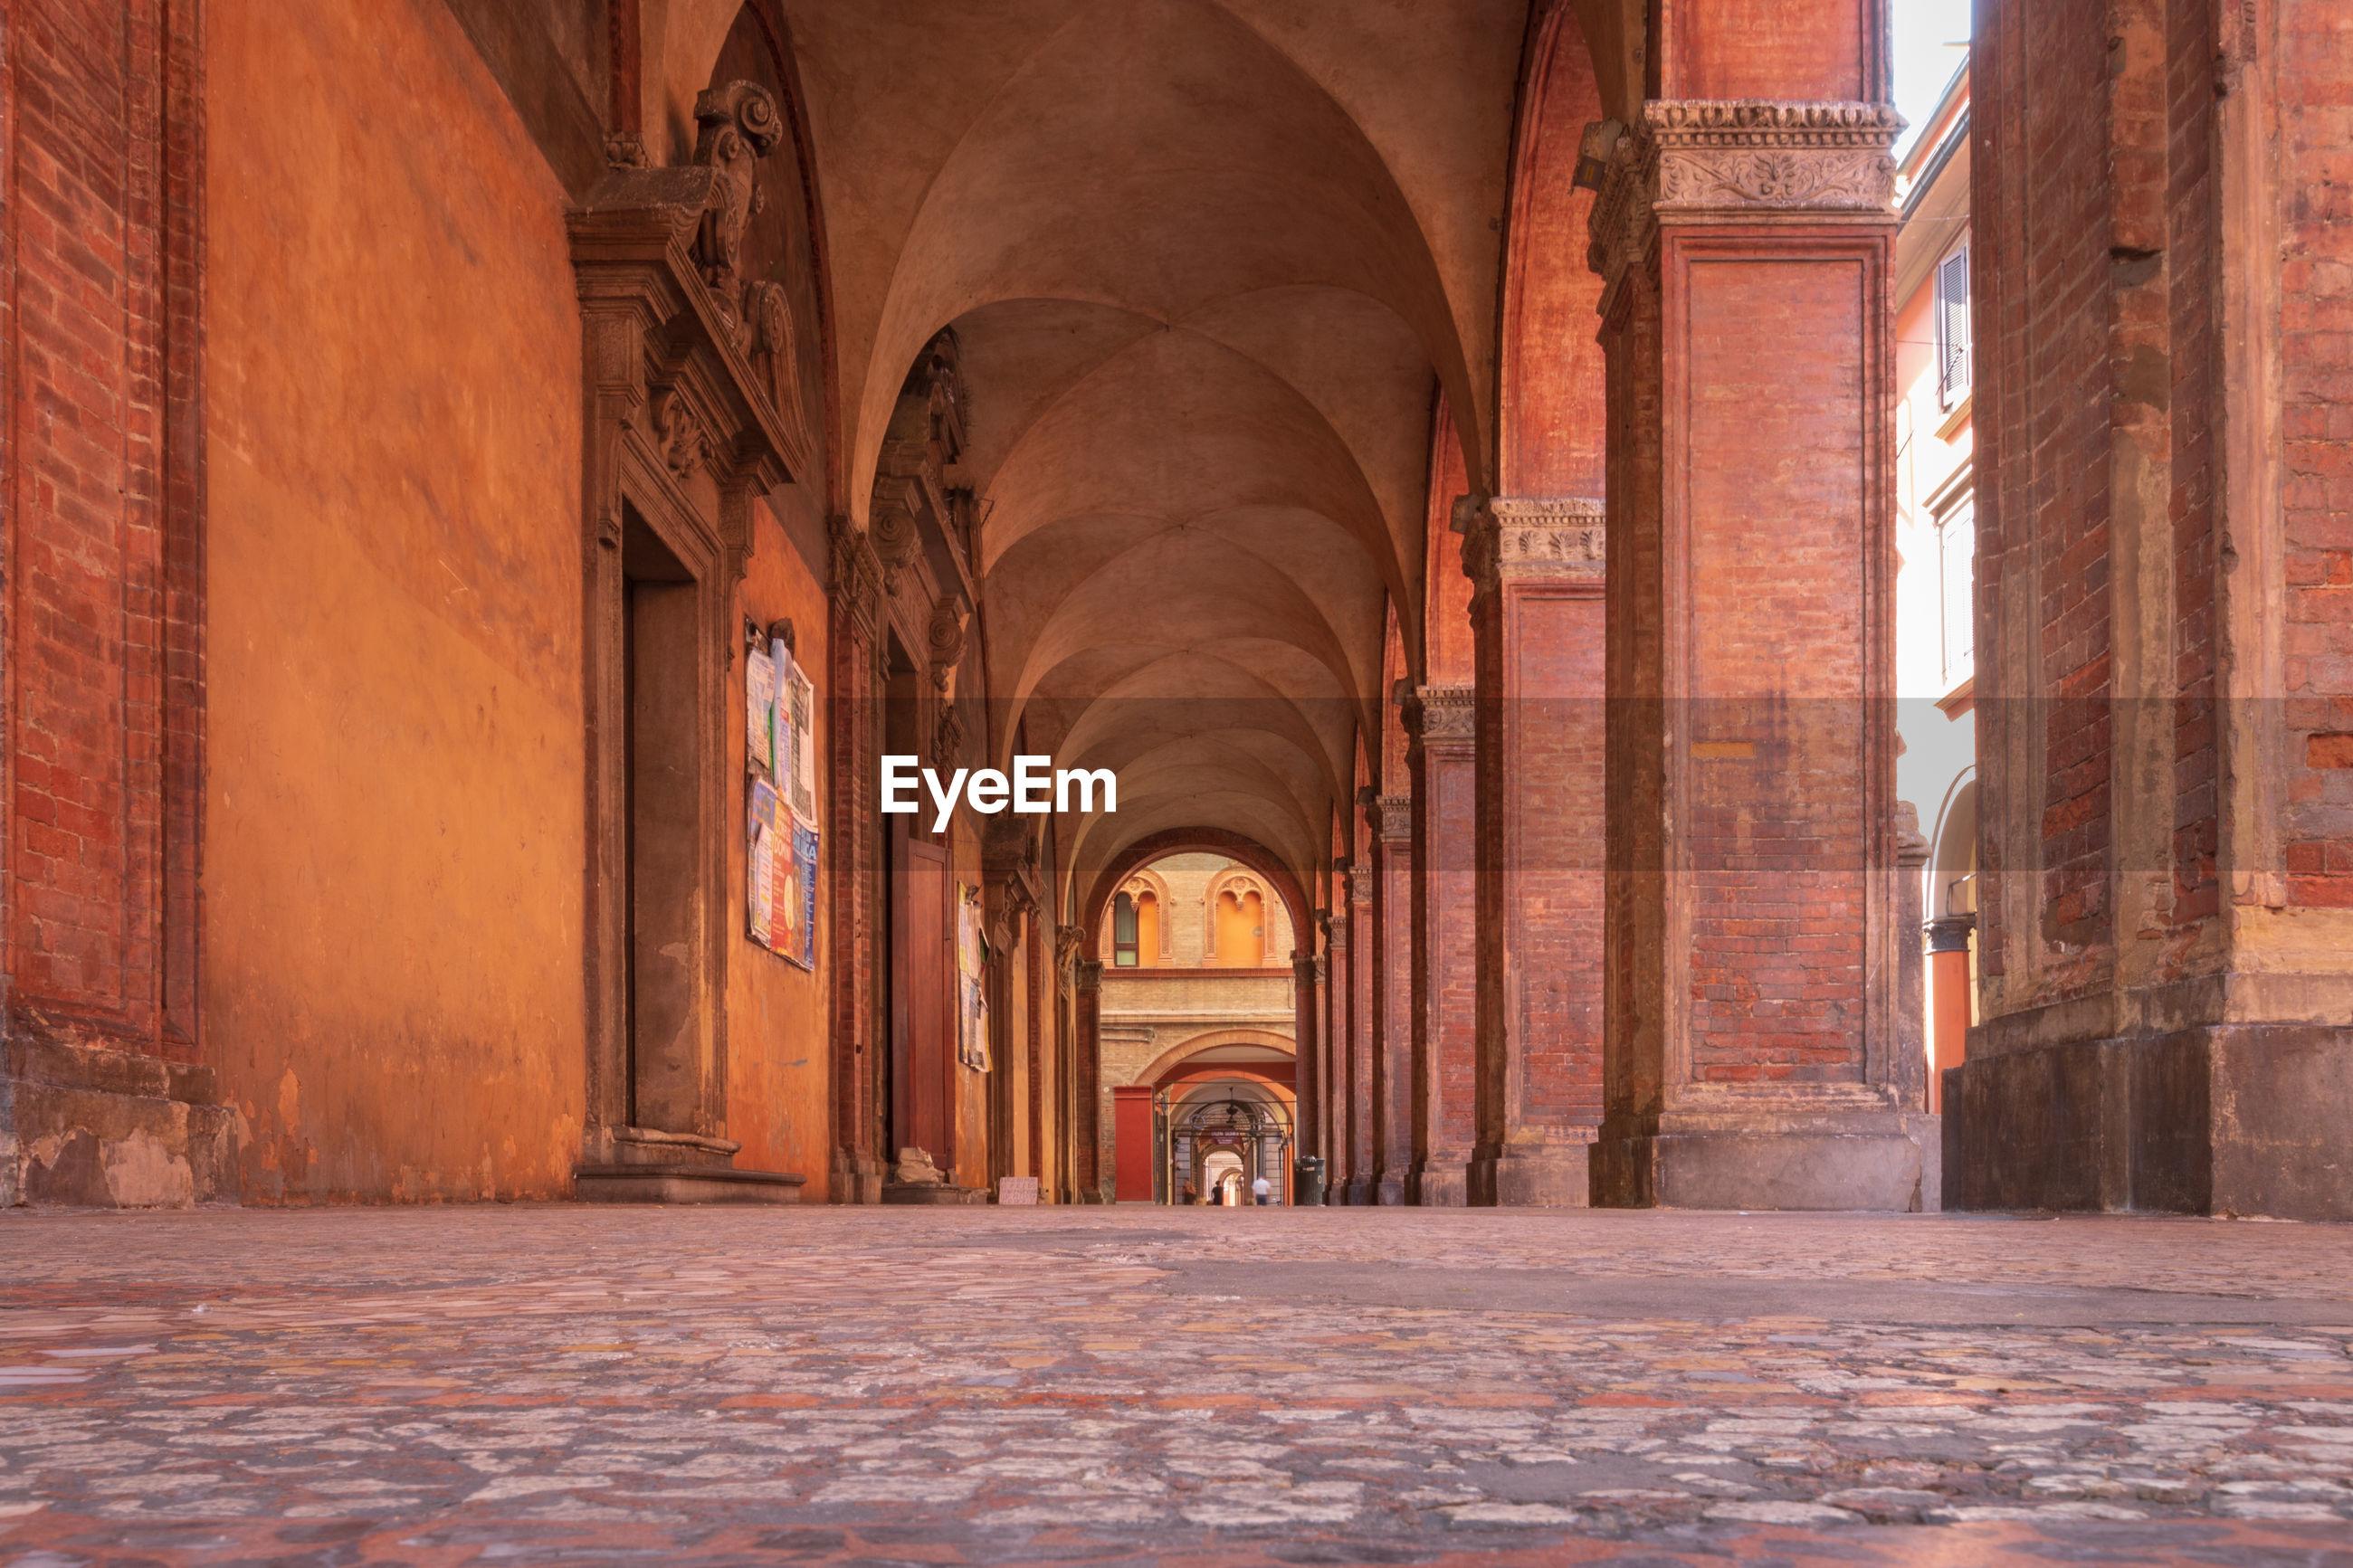 Famous arcades at via maggiore next to church santi bartolomeo e gaetano